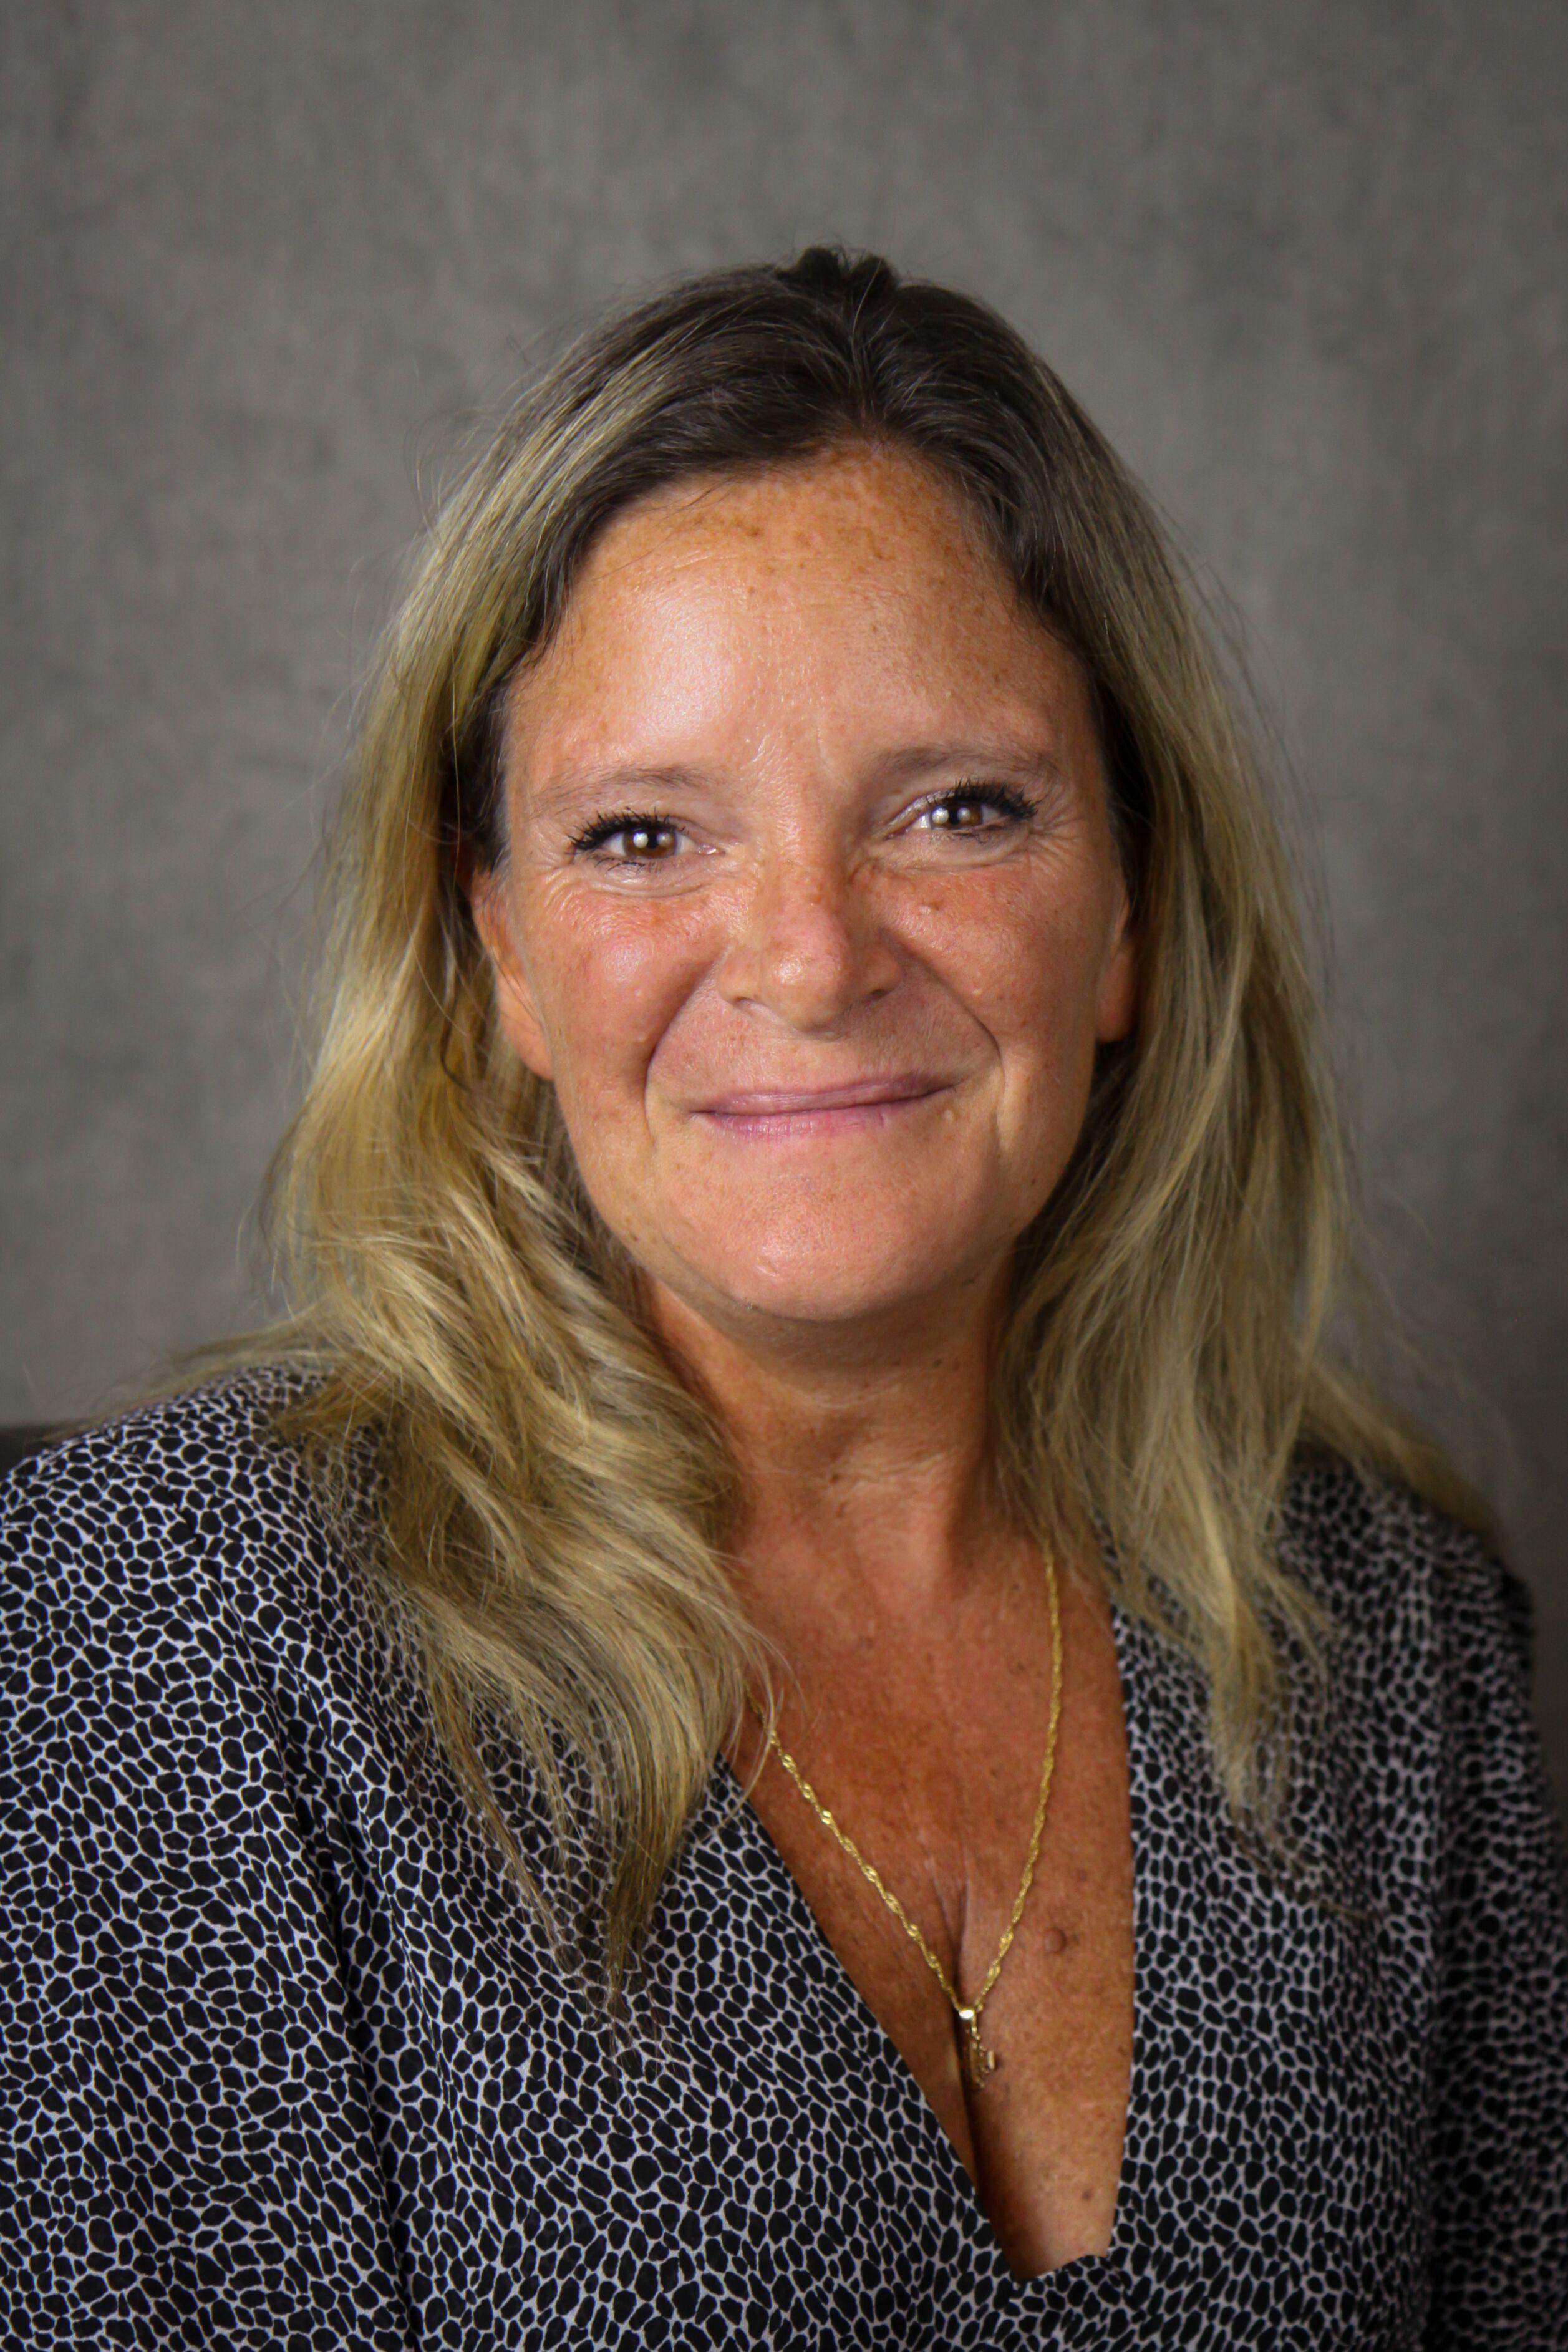 Cindy Gaudet